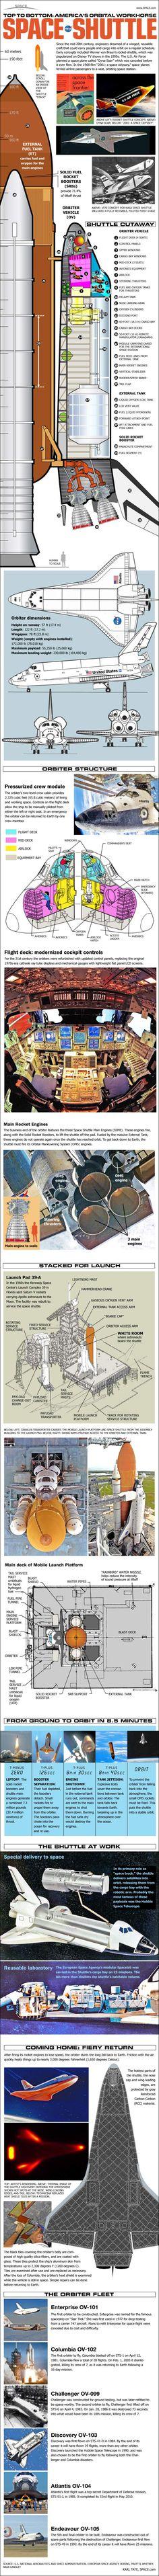 Tout savoir sur les navettes spatiales...